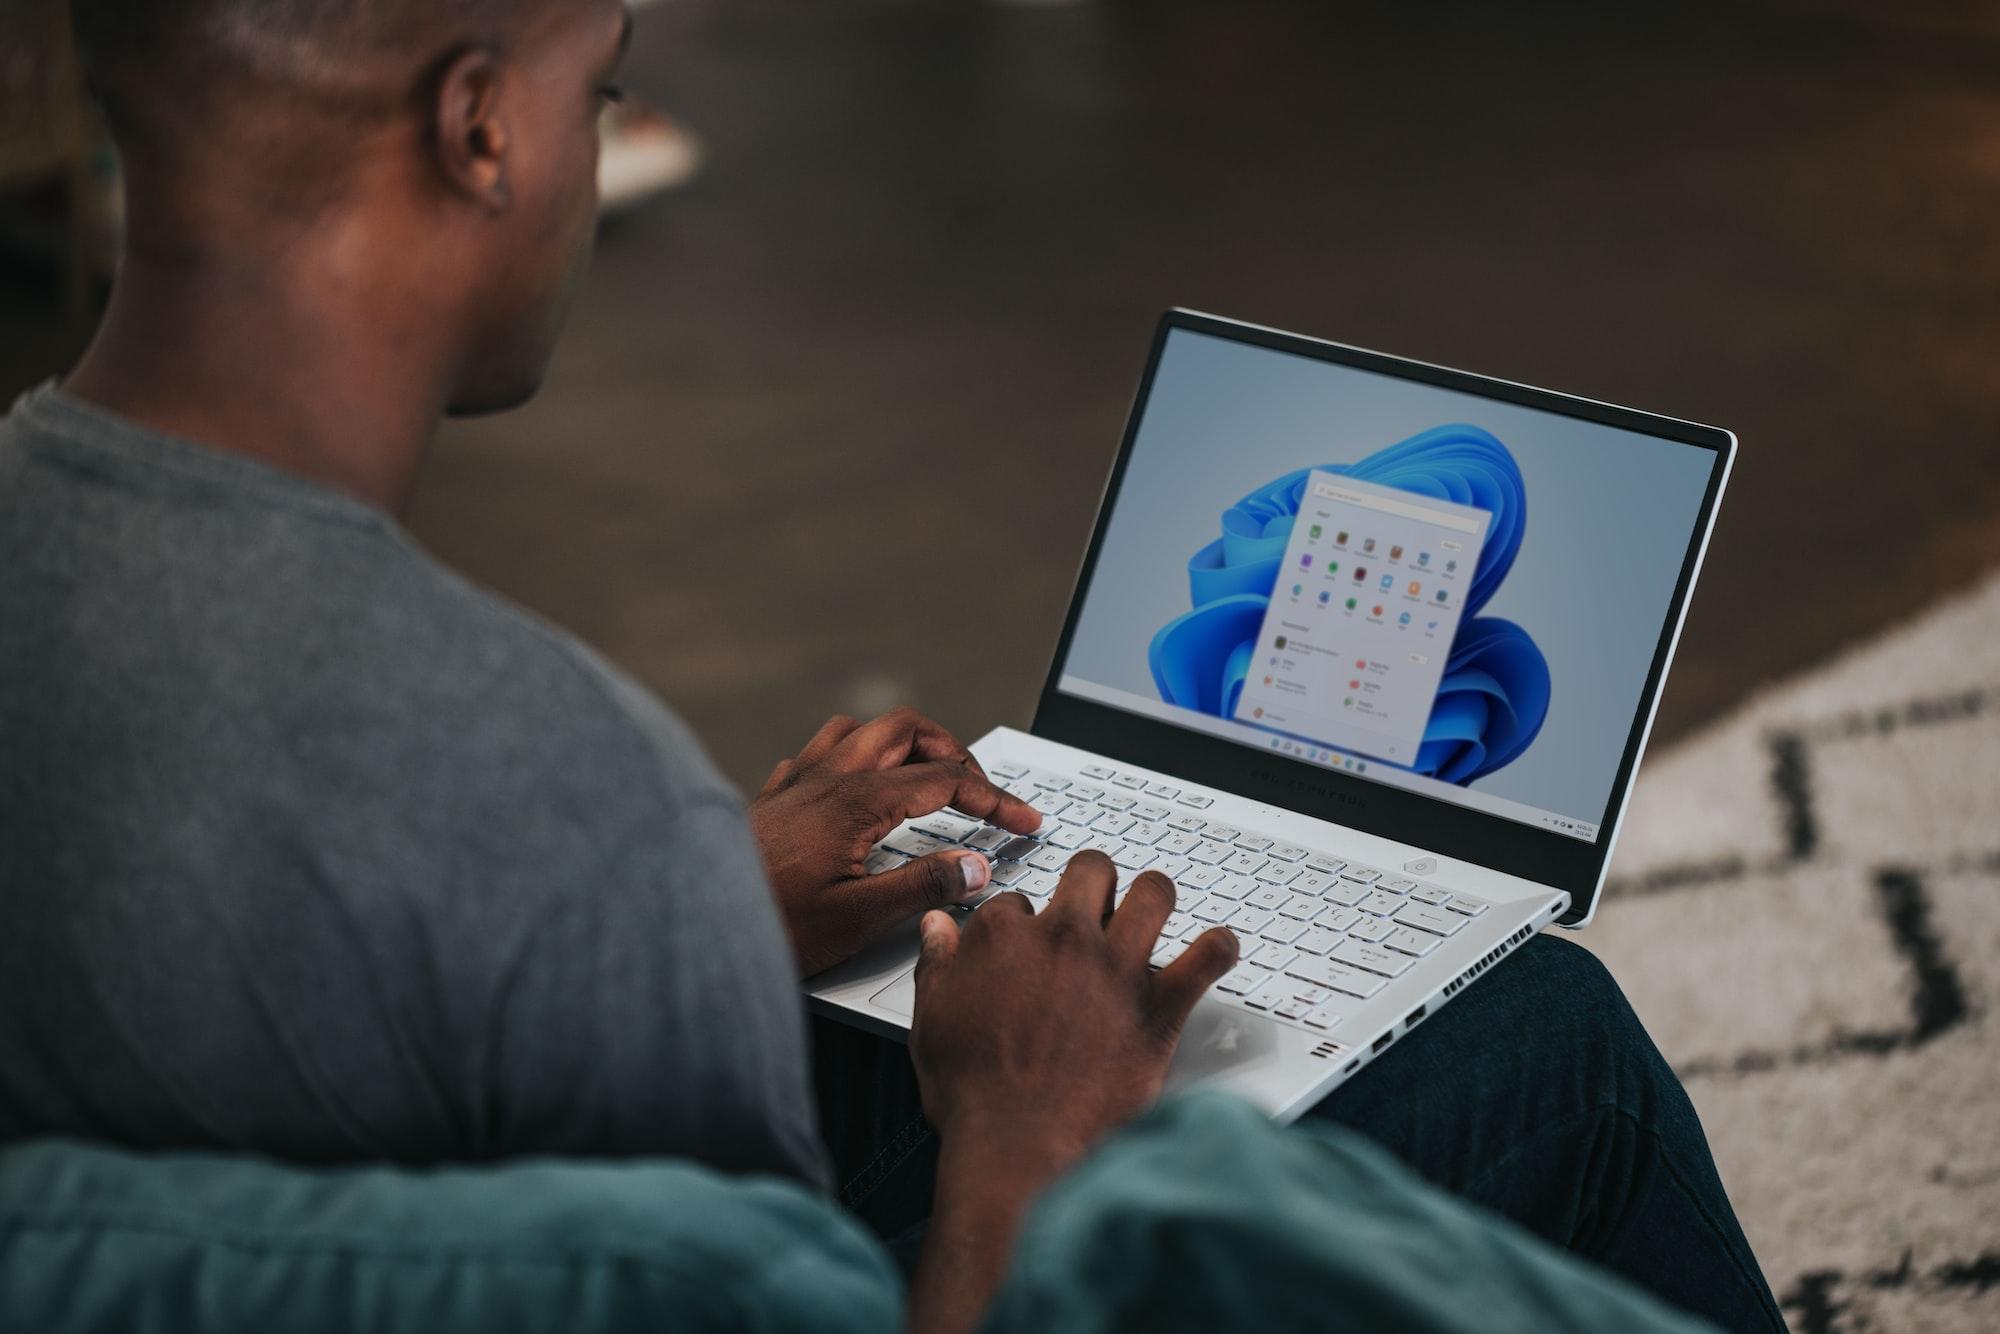 개발자를 위한 Windows 11 설정